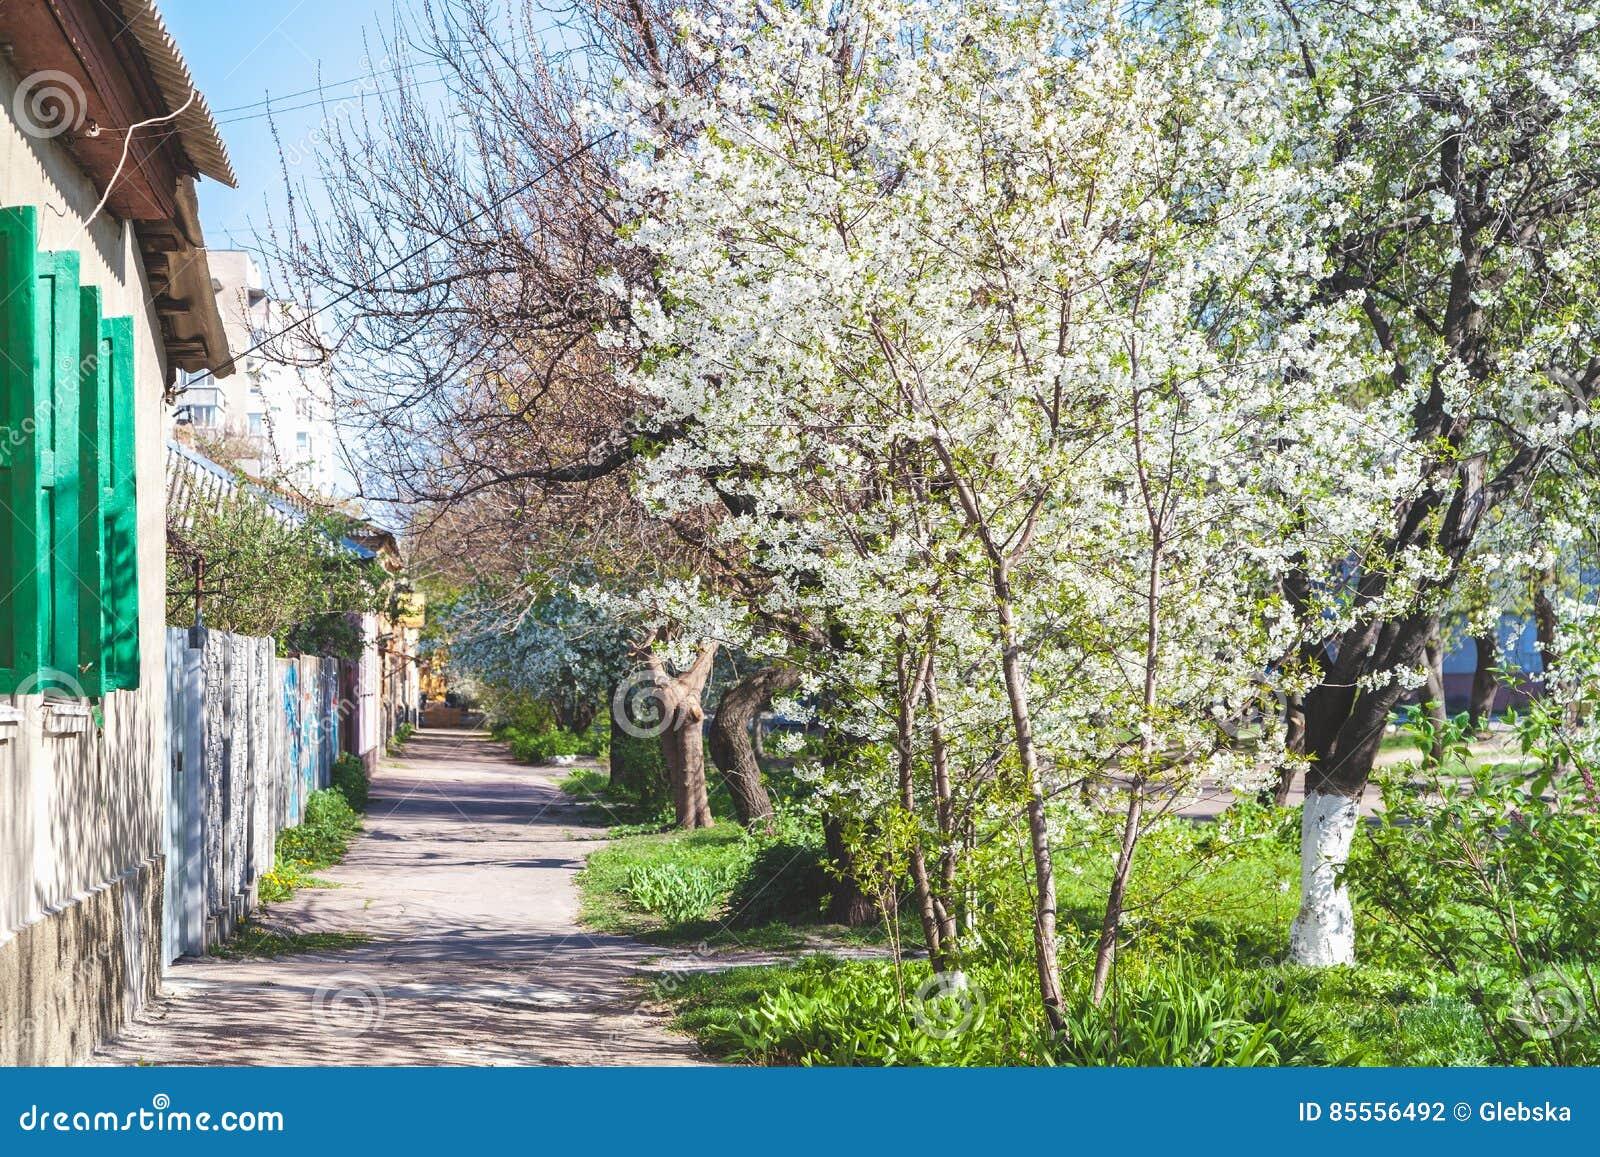 Malerische Straße entlang einstöckigen Häusern und Kirschblüte